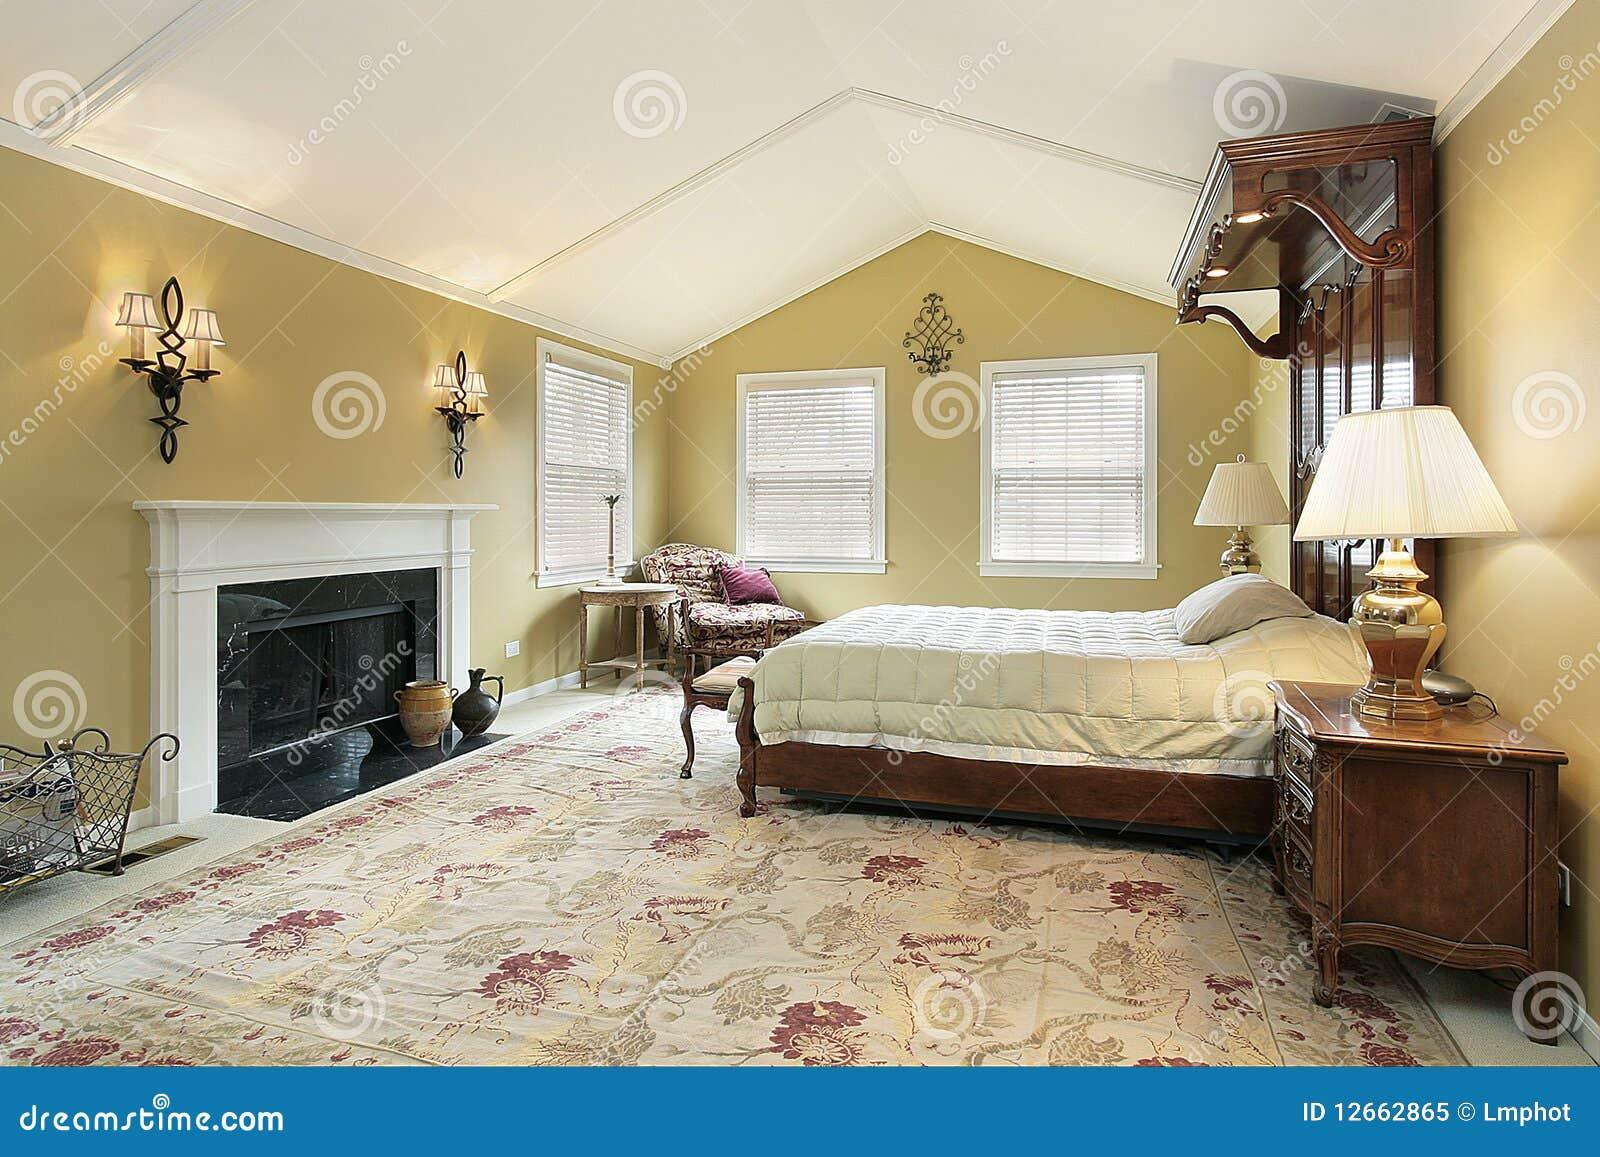 Pareti Color Oro Camera Da Letto : Camera da letto matrice con le pareti dell oro fotografia